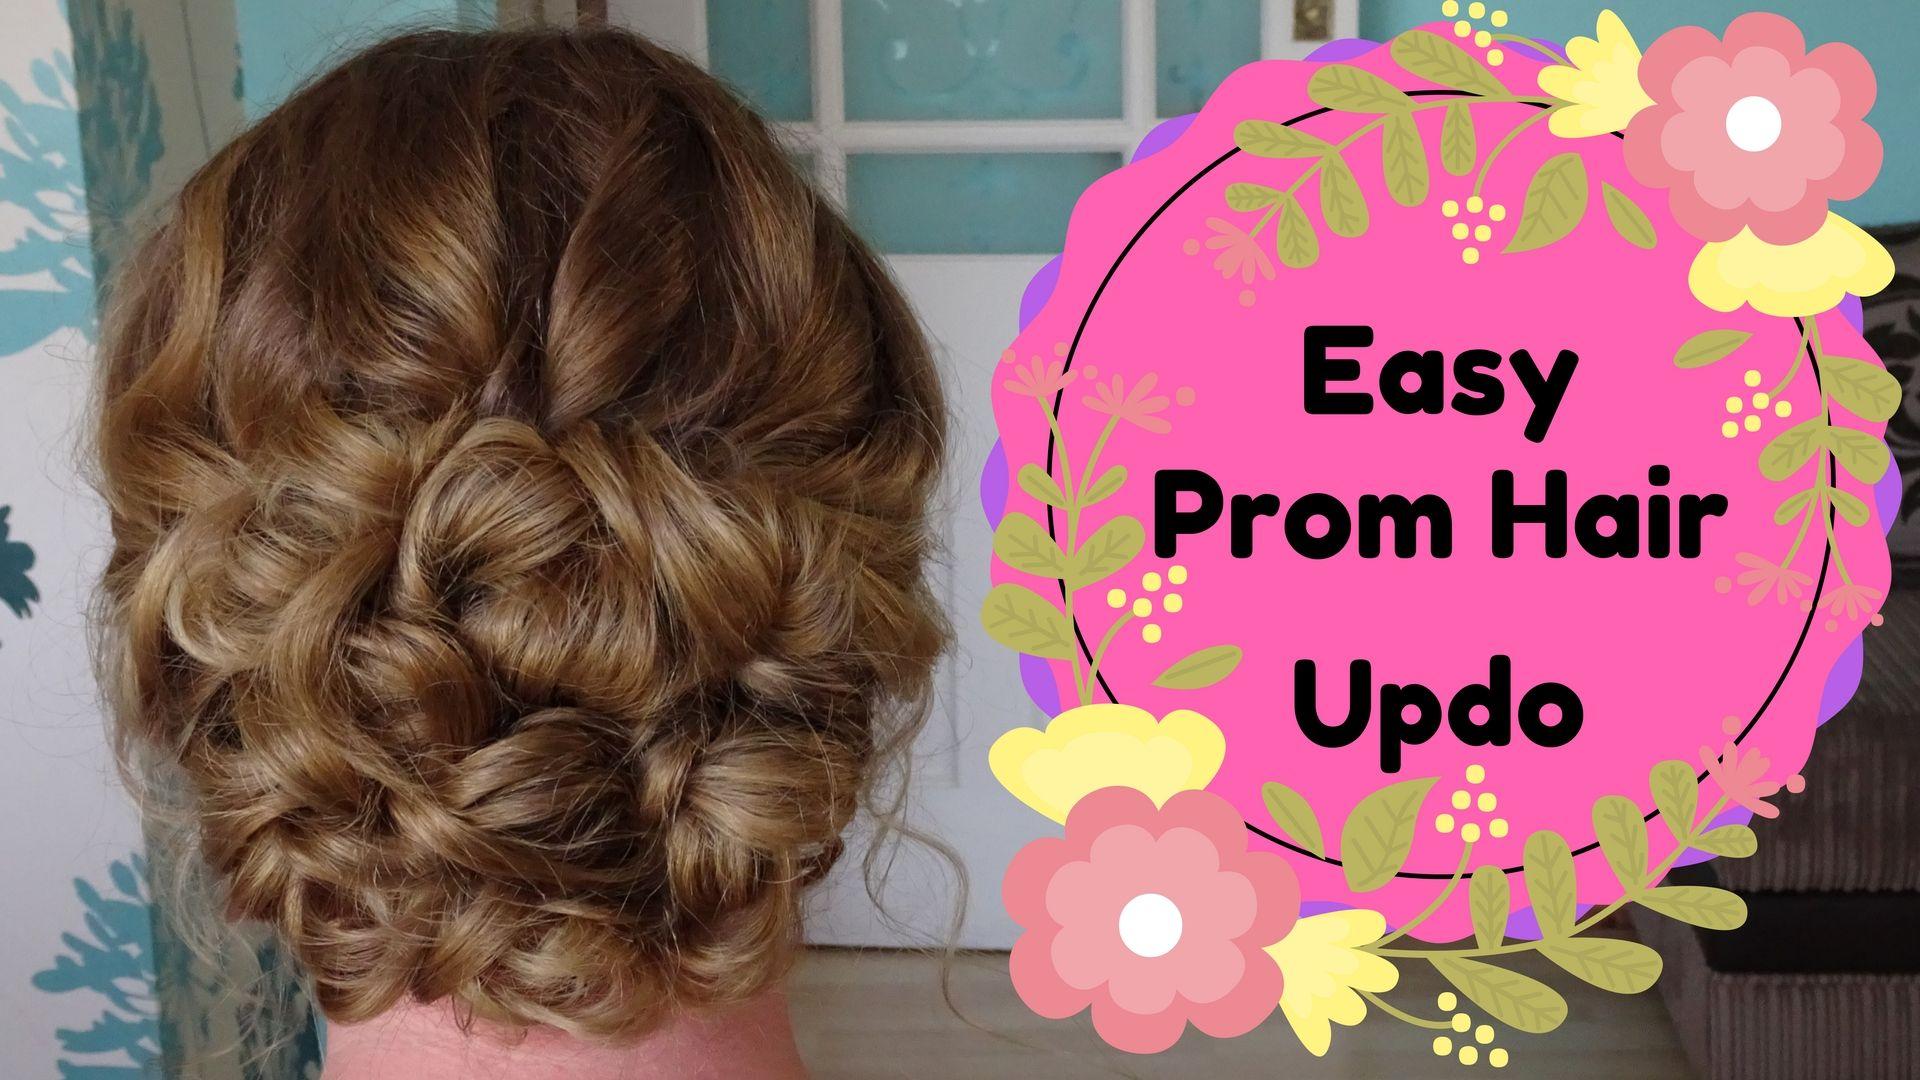 https://www.youtube.com/watch?v=wM0mpd3CY1A easy prom hair tutorial ...